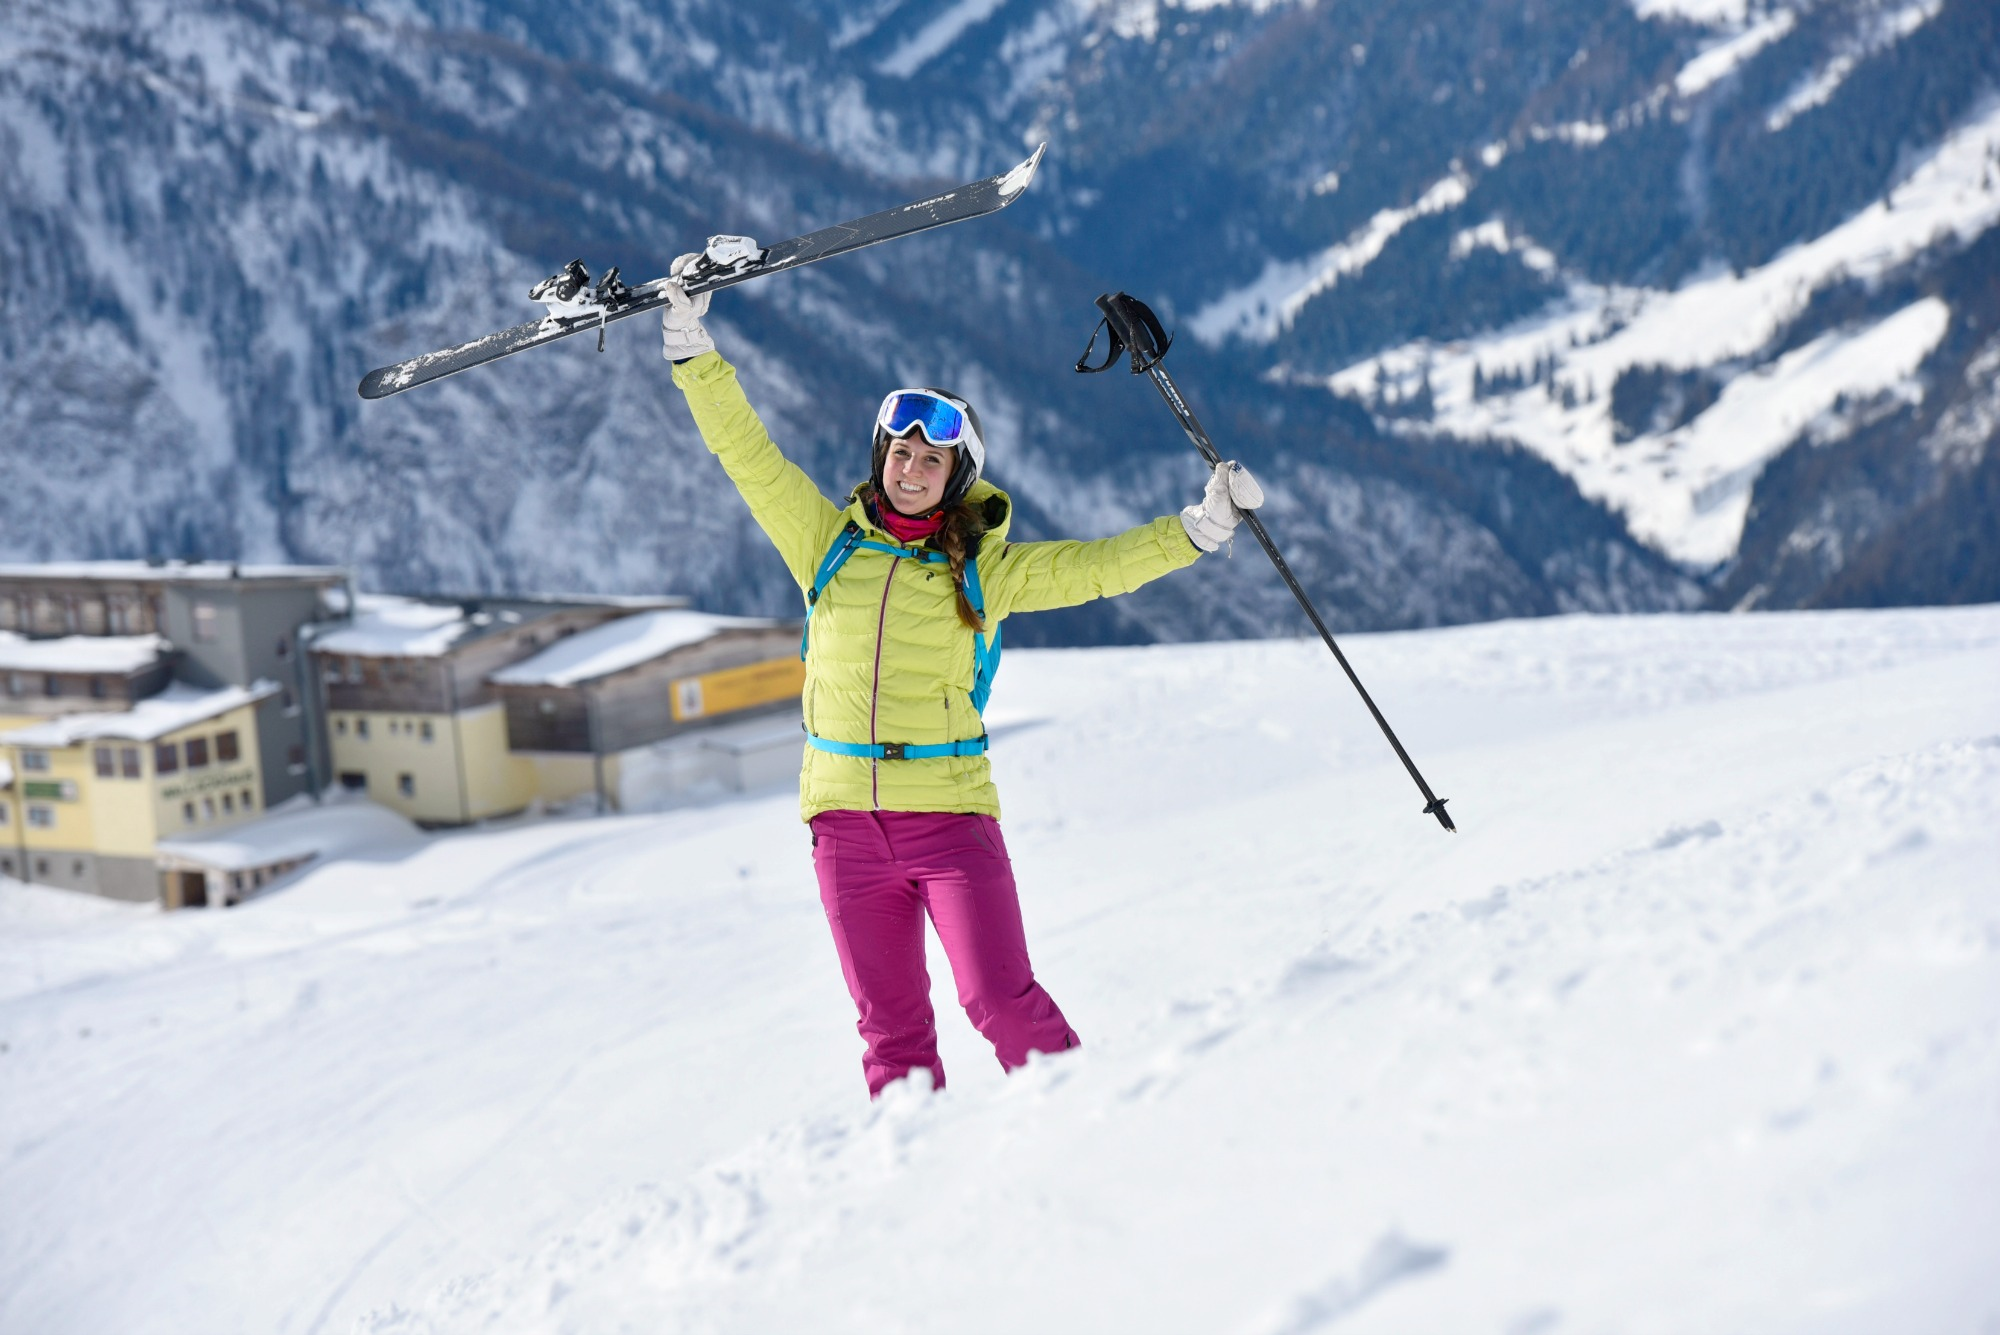 Fitnessblog-kästle-ski-klara-fuchs-österreich-blogger-sport-winter9